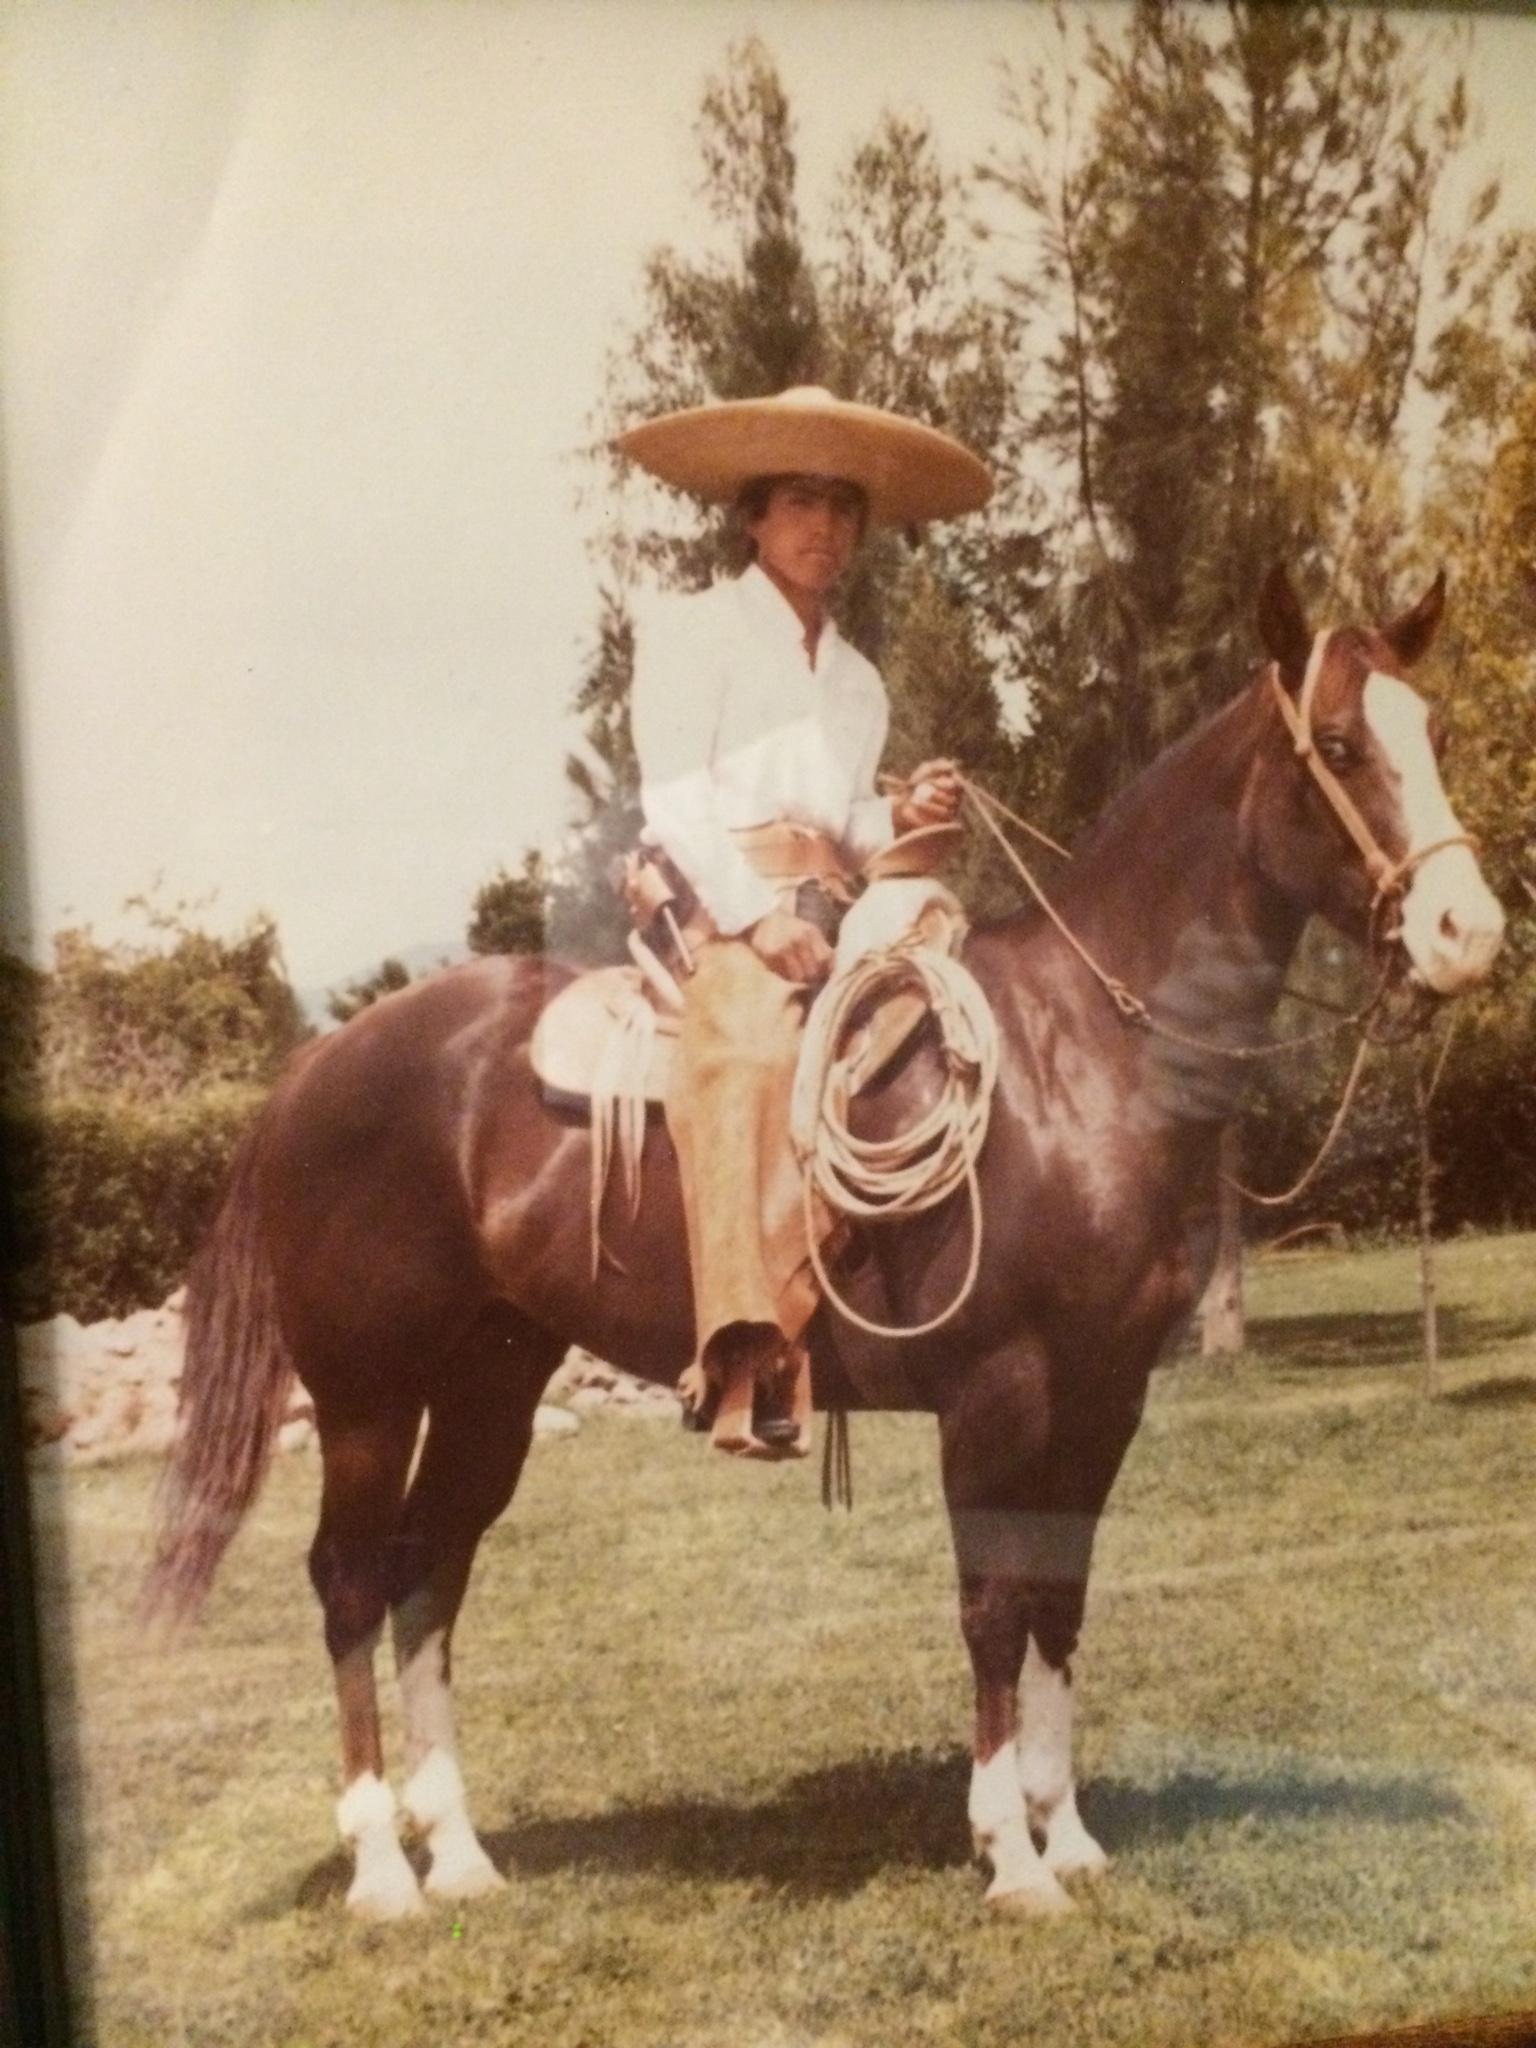 A young Gutierrez